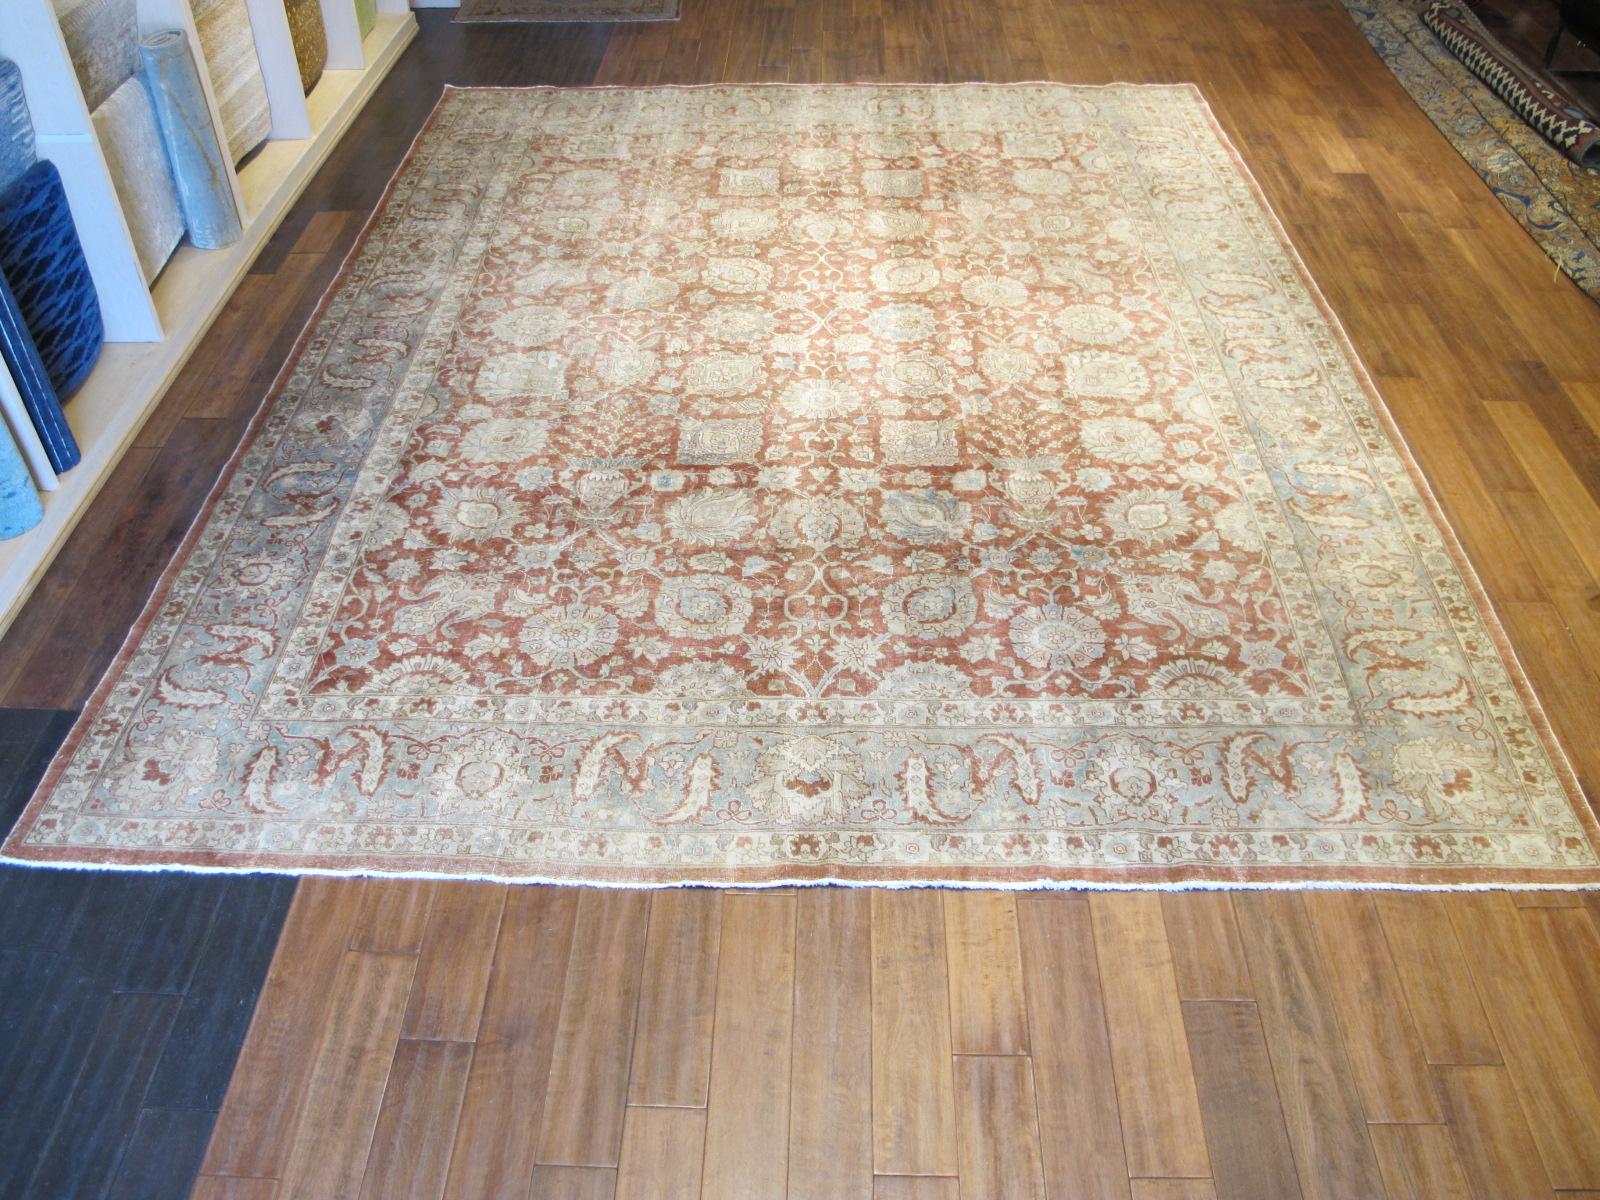 12509-persian-tabriz-rug-910x123-1